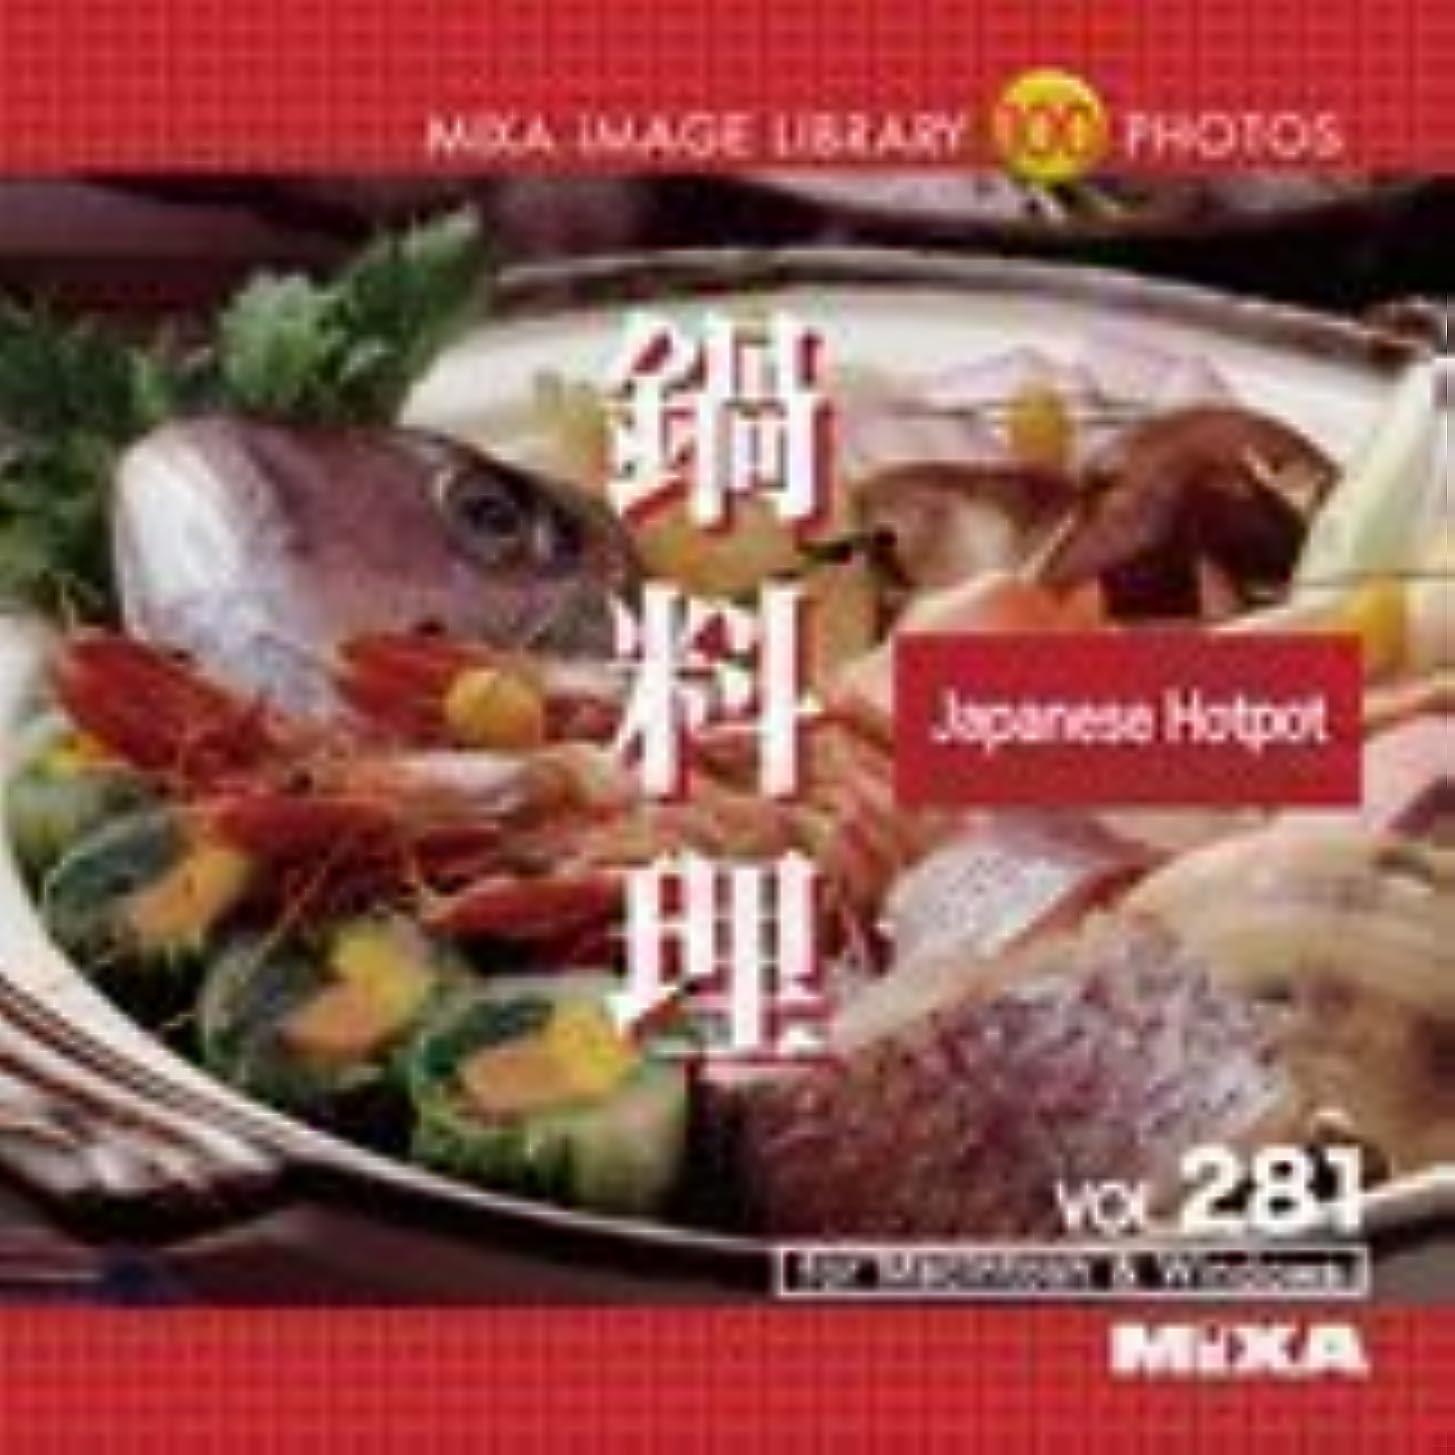 バブルストライク地上のMIXA IMAGE LIBRARY Vol.281 鍋料理